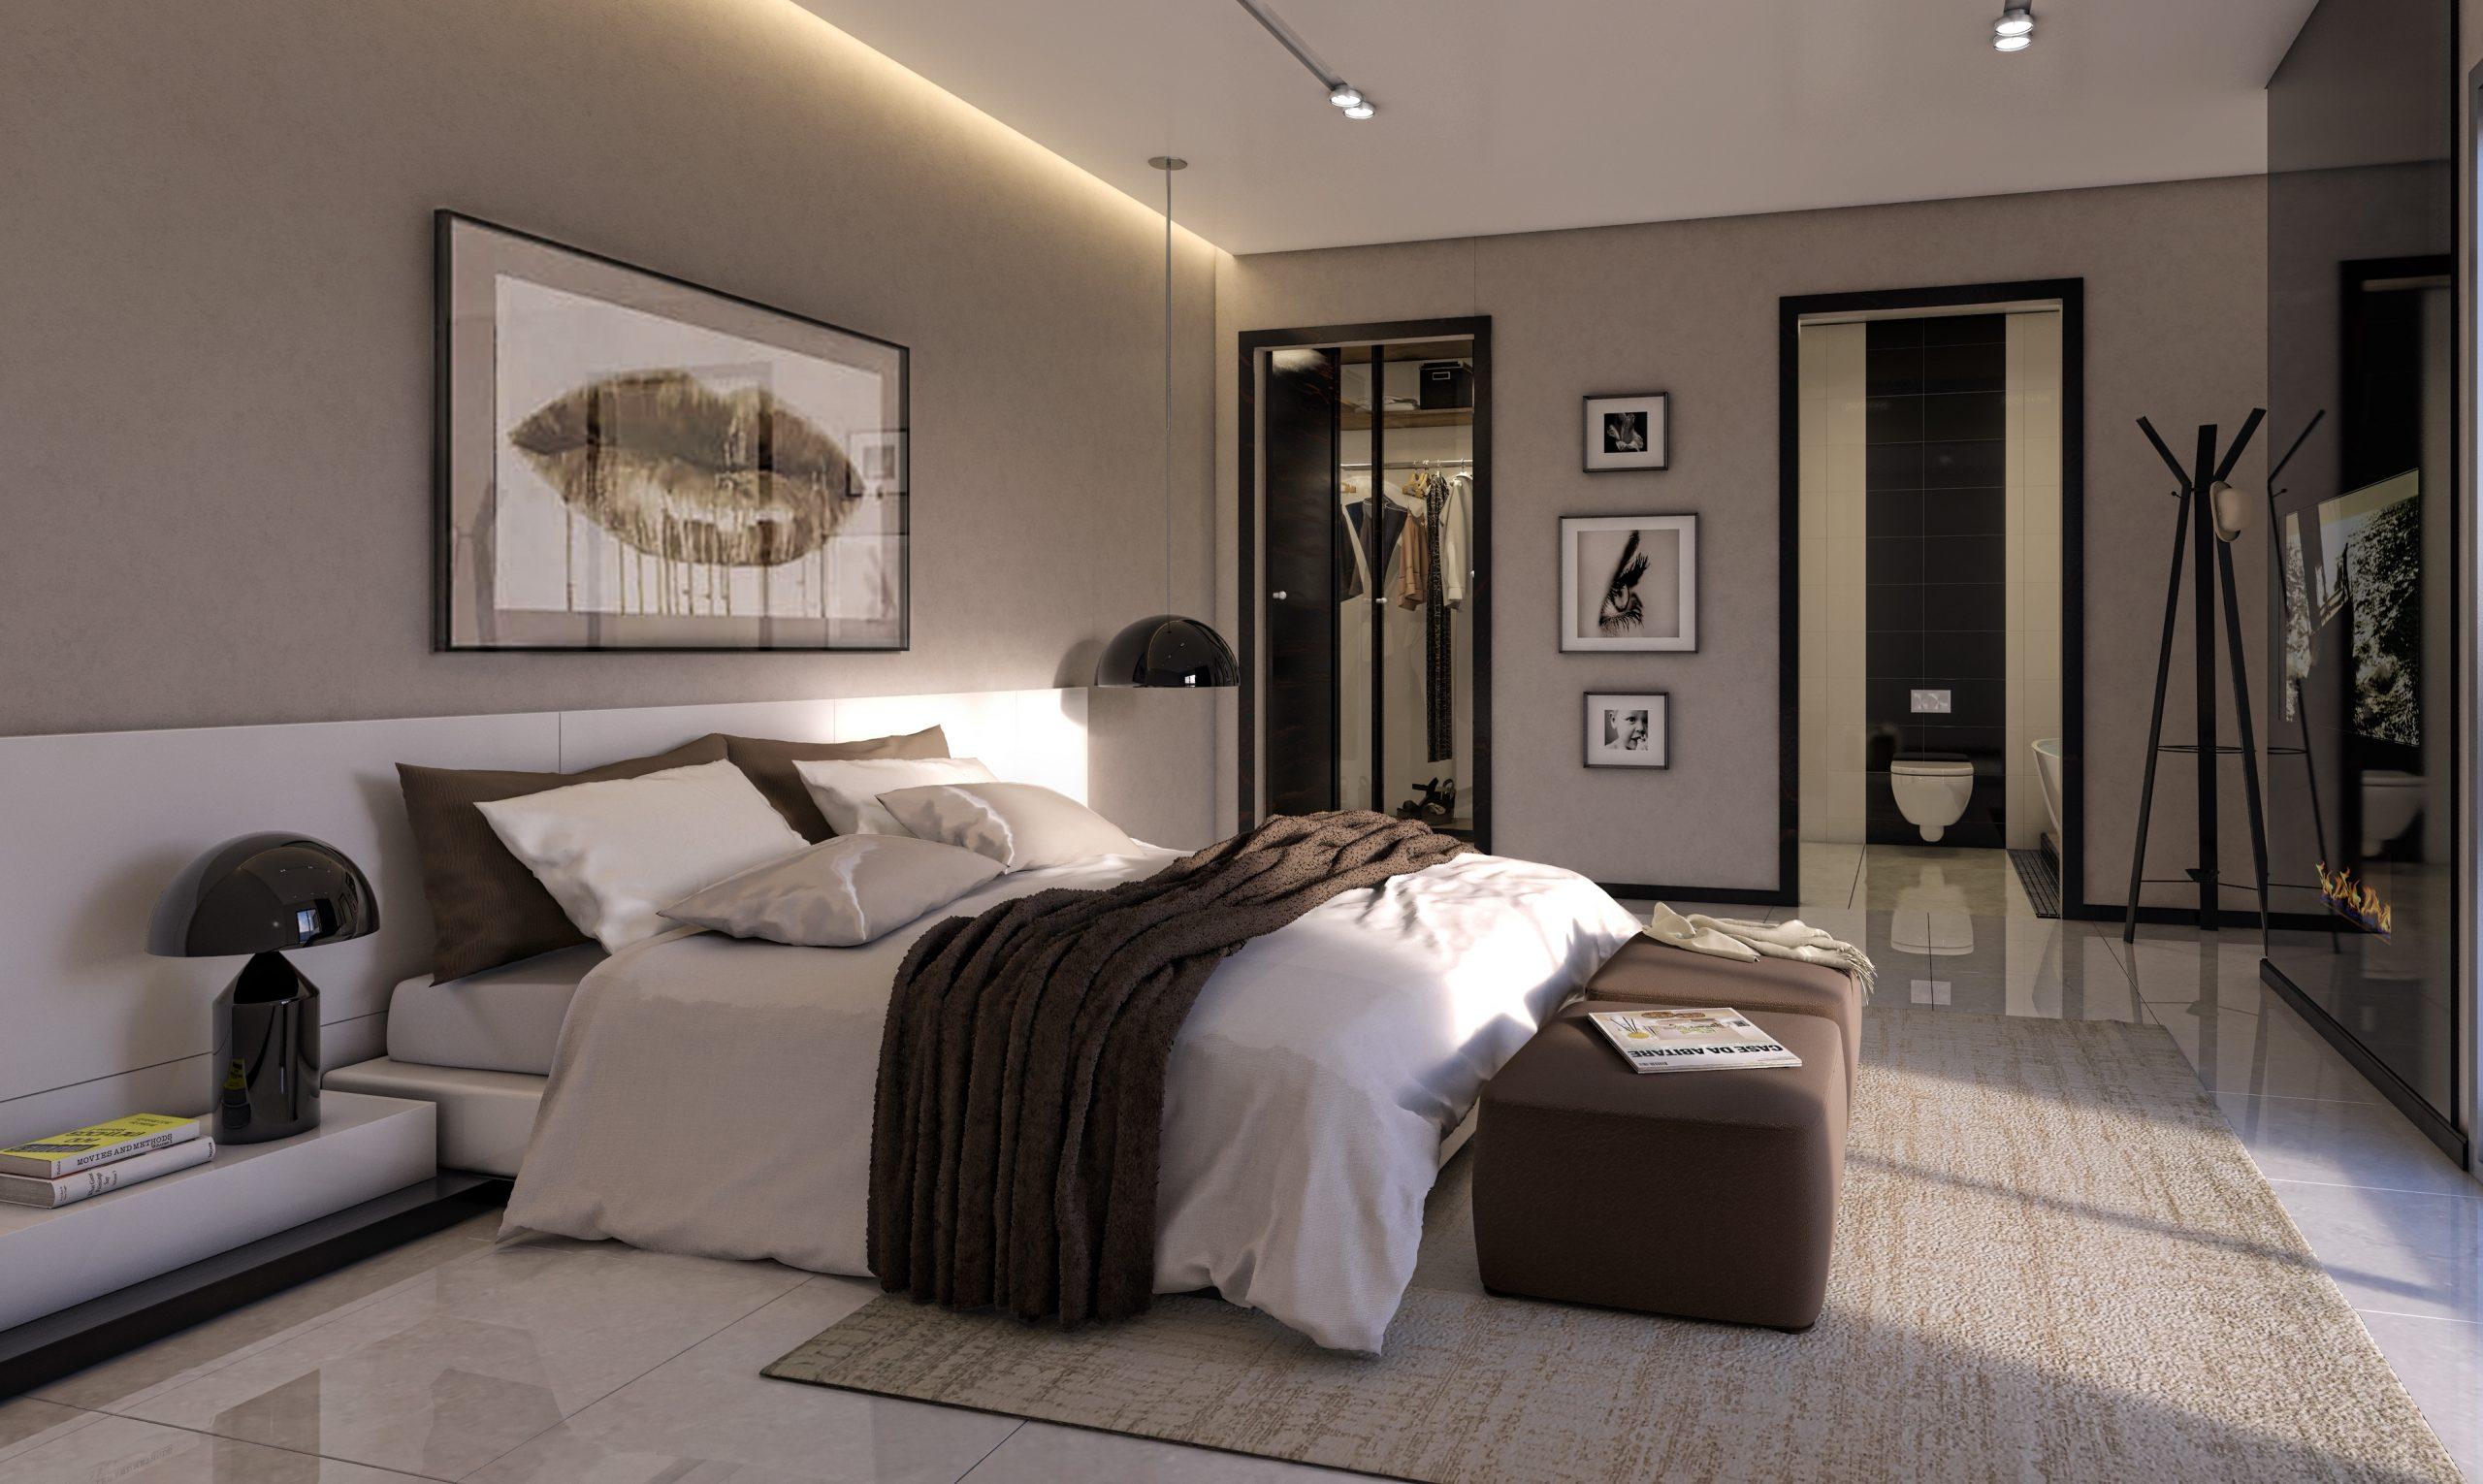 C BEDROOM